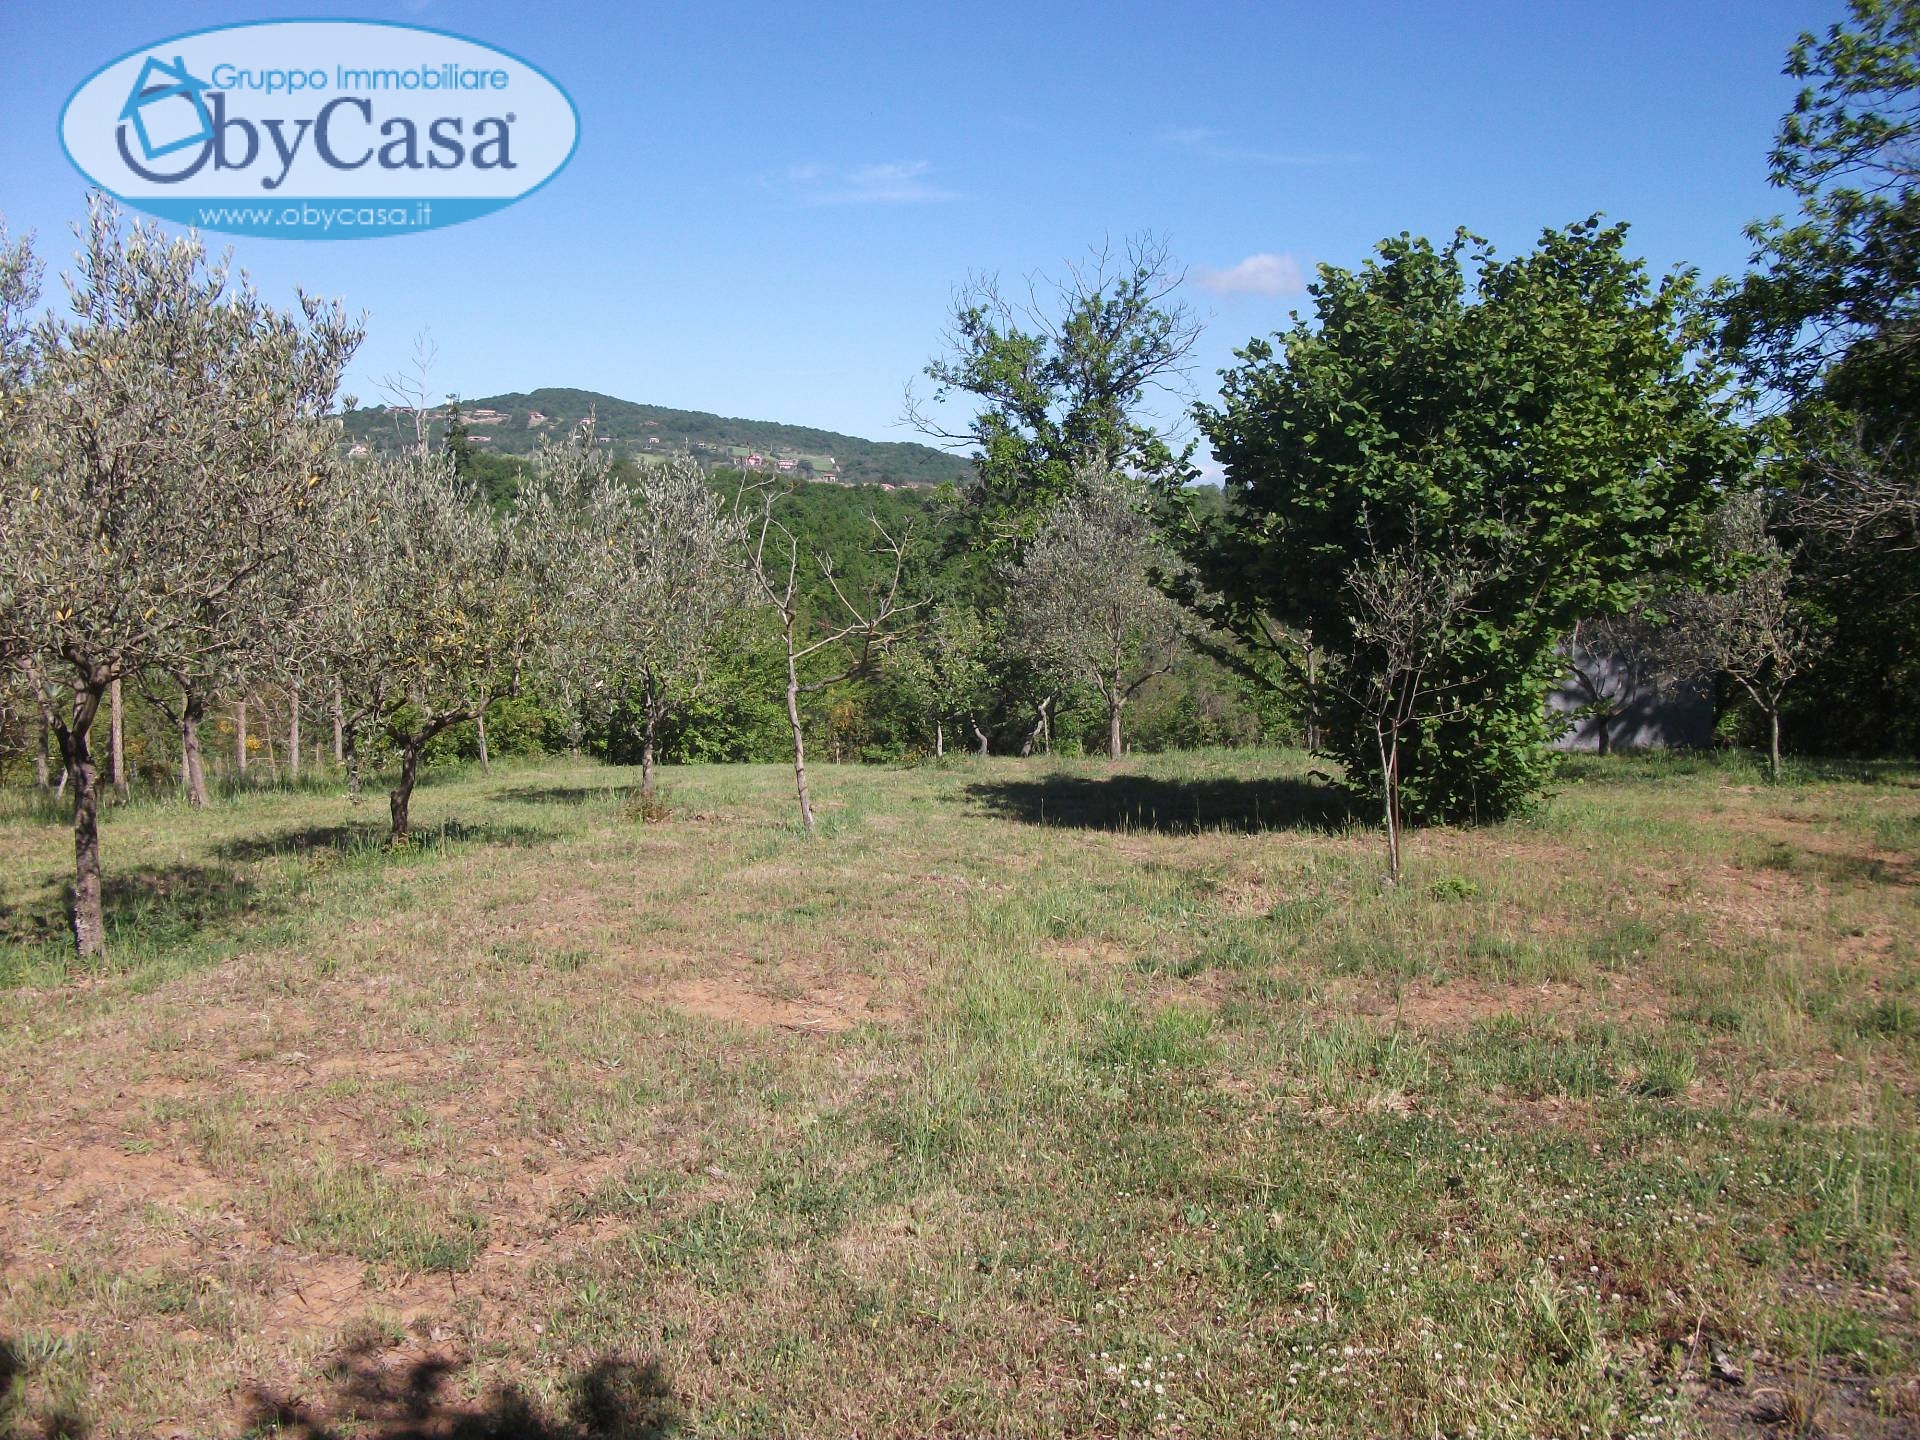 Terreno Agricolo in vendita a Vejano, 9999 locali, prezzo € 34.000 | CambioCasa.it